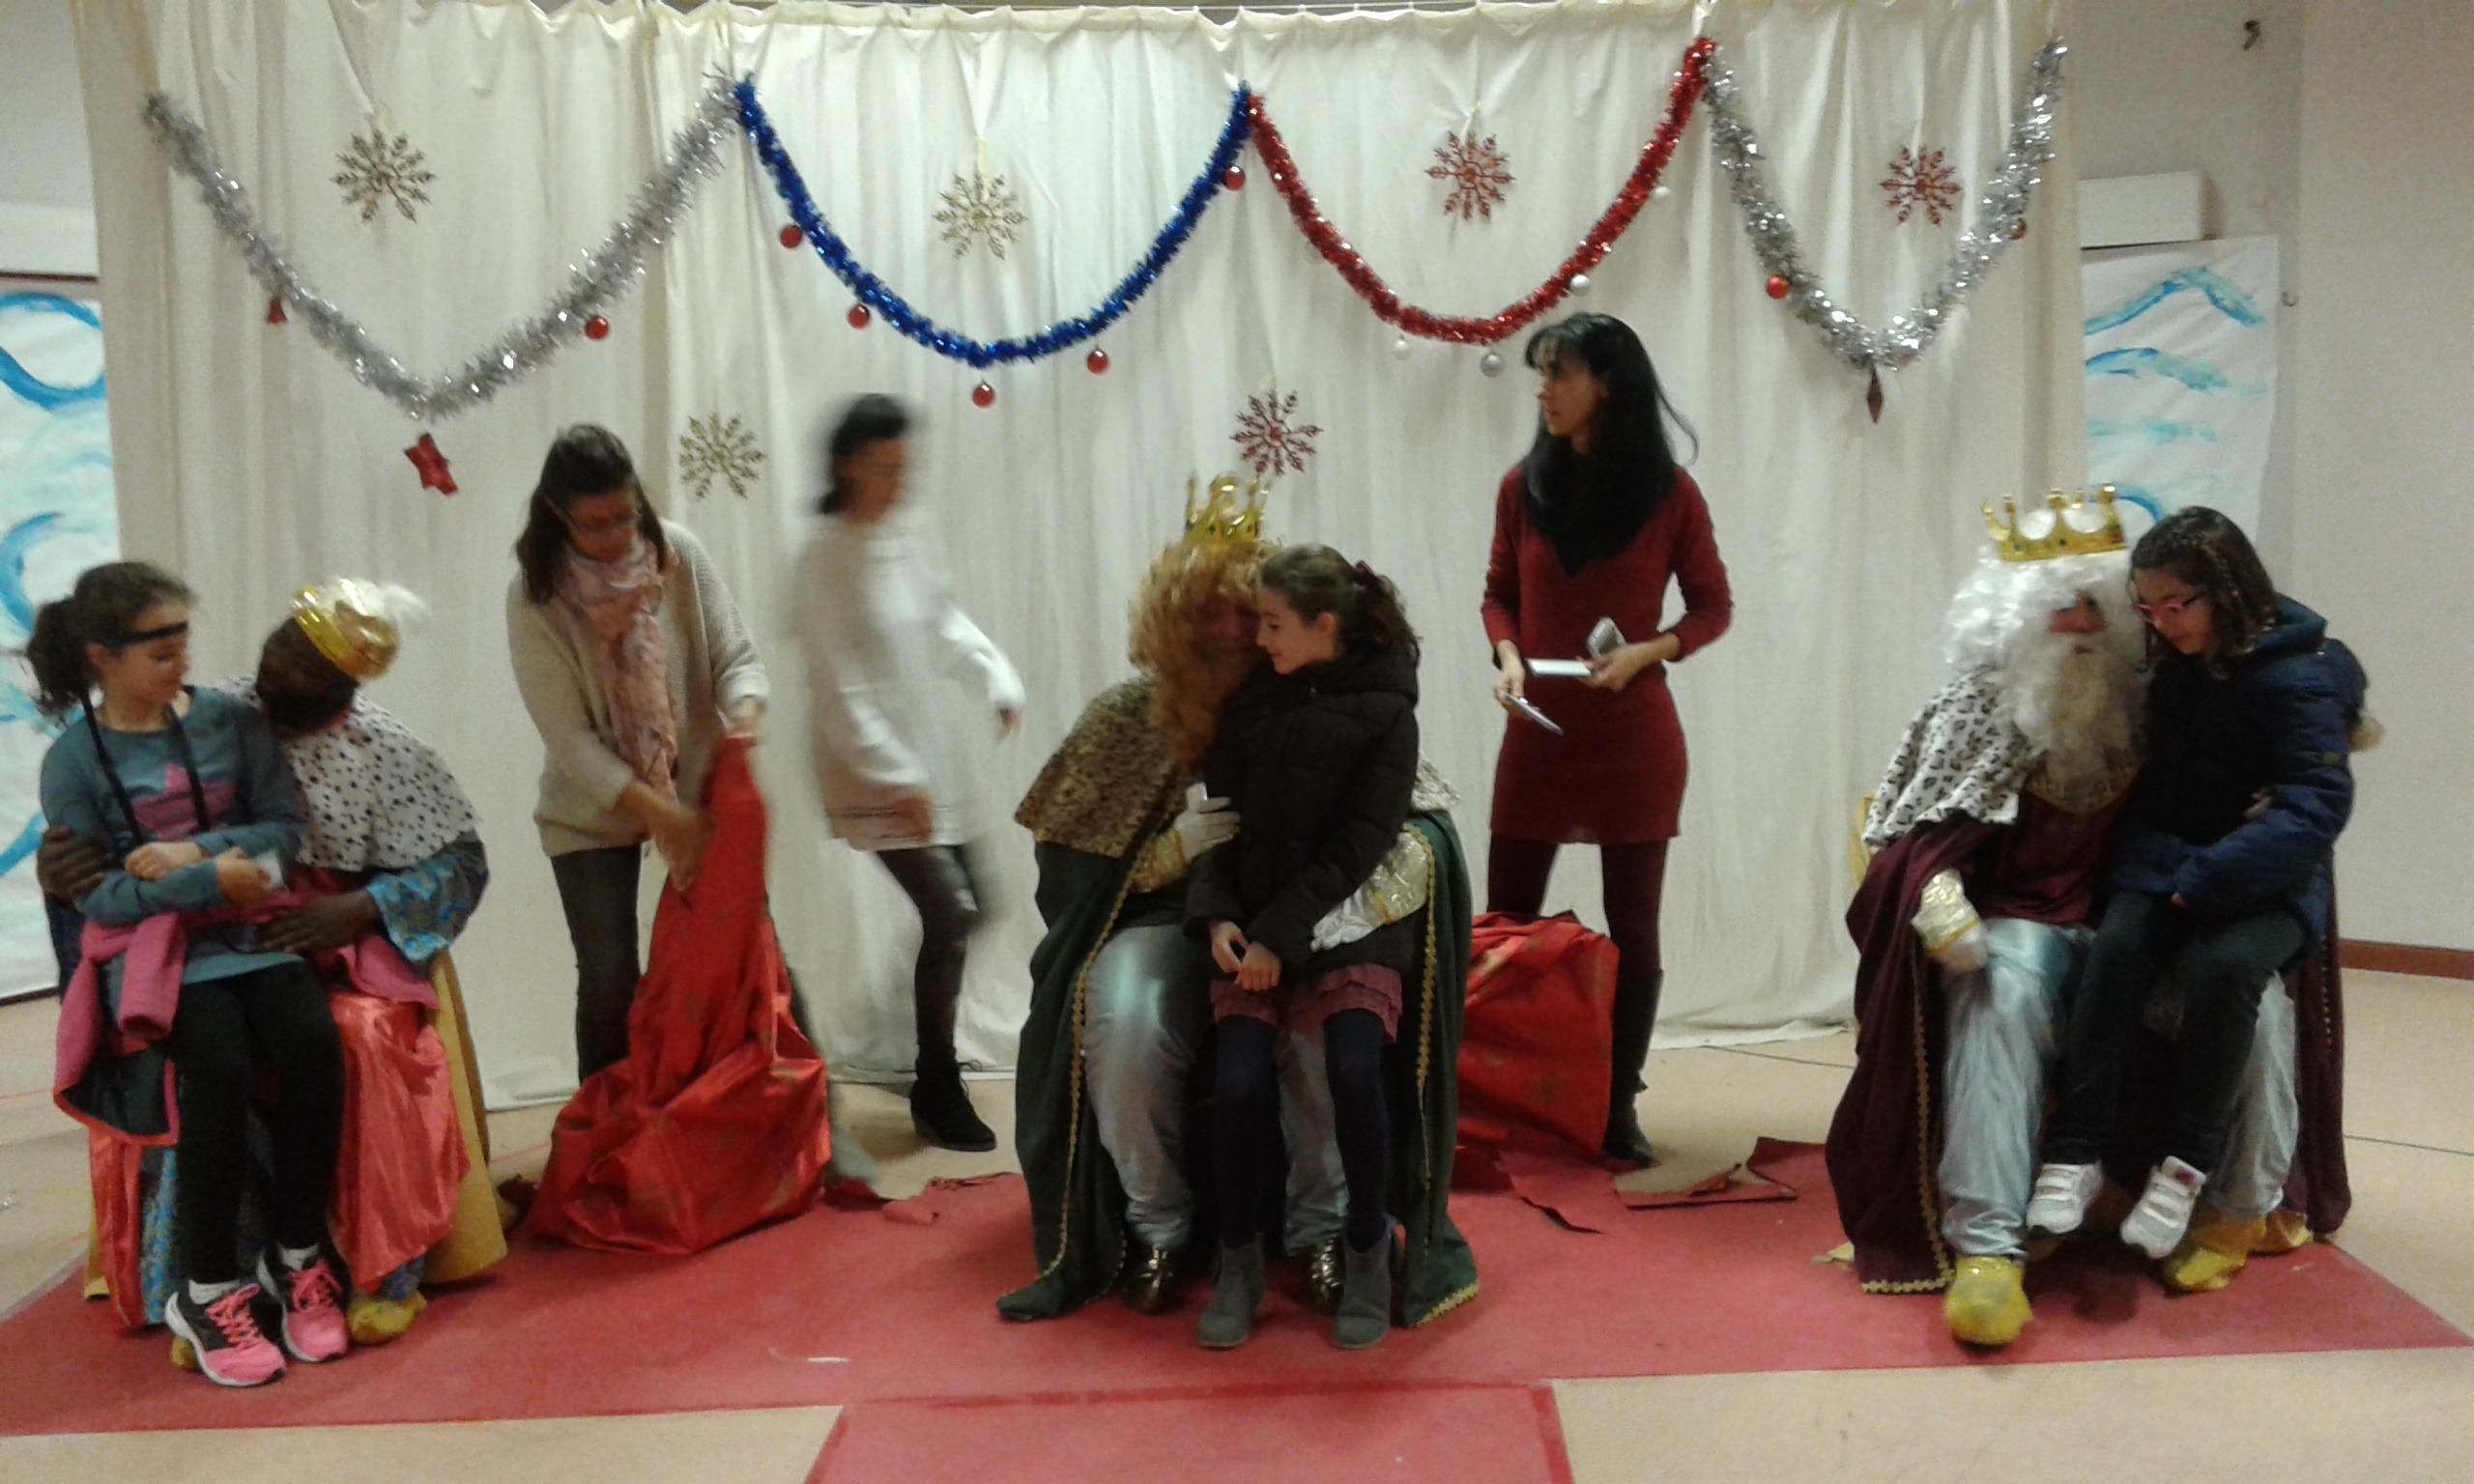 Visita de los reyes magos 2